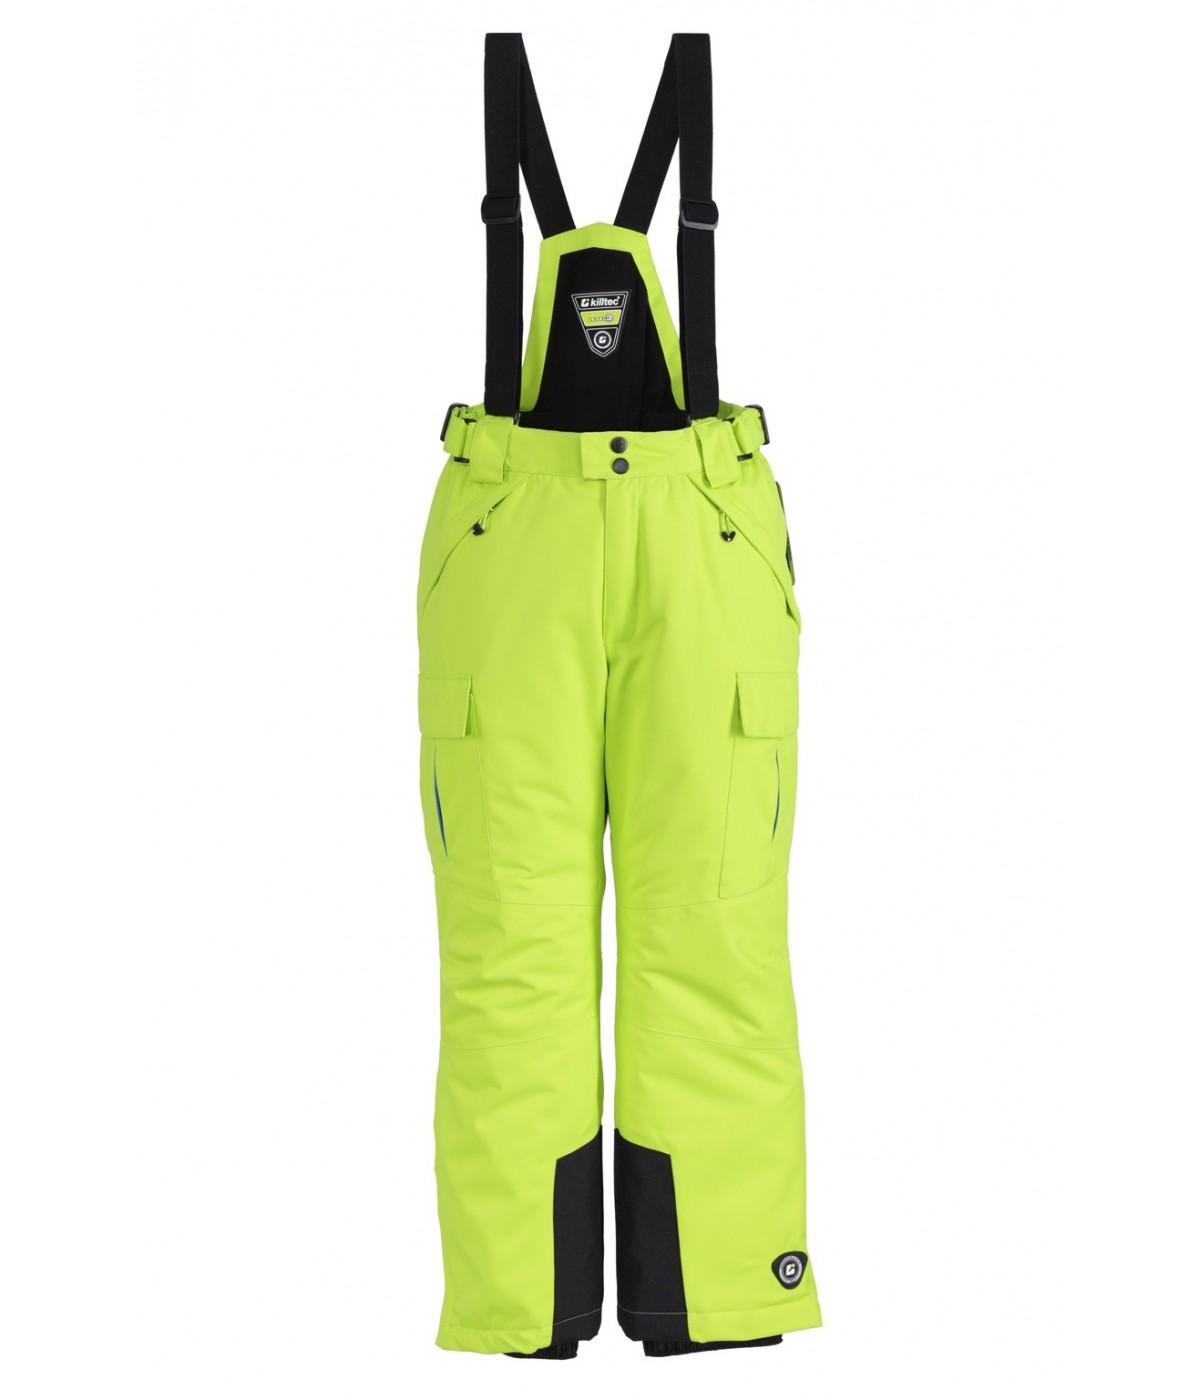 Pantalon de Ski Killtec Garà§on Algeron Anis